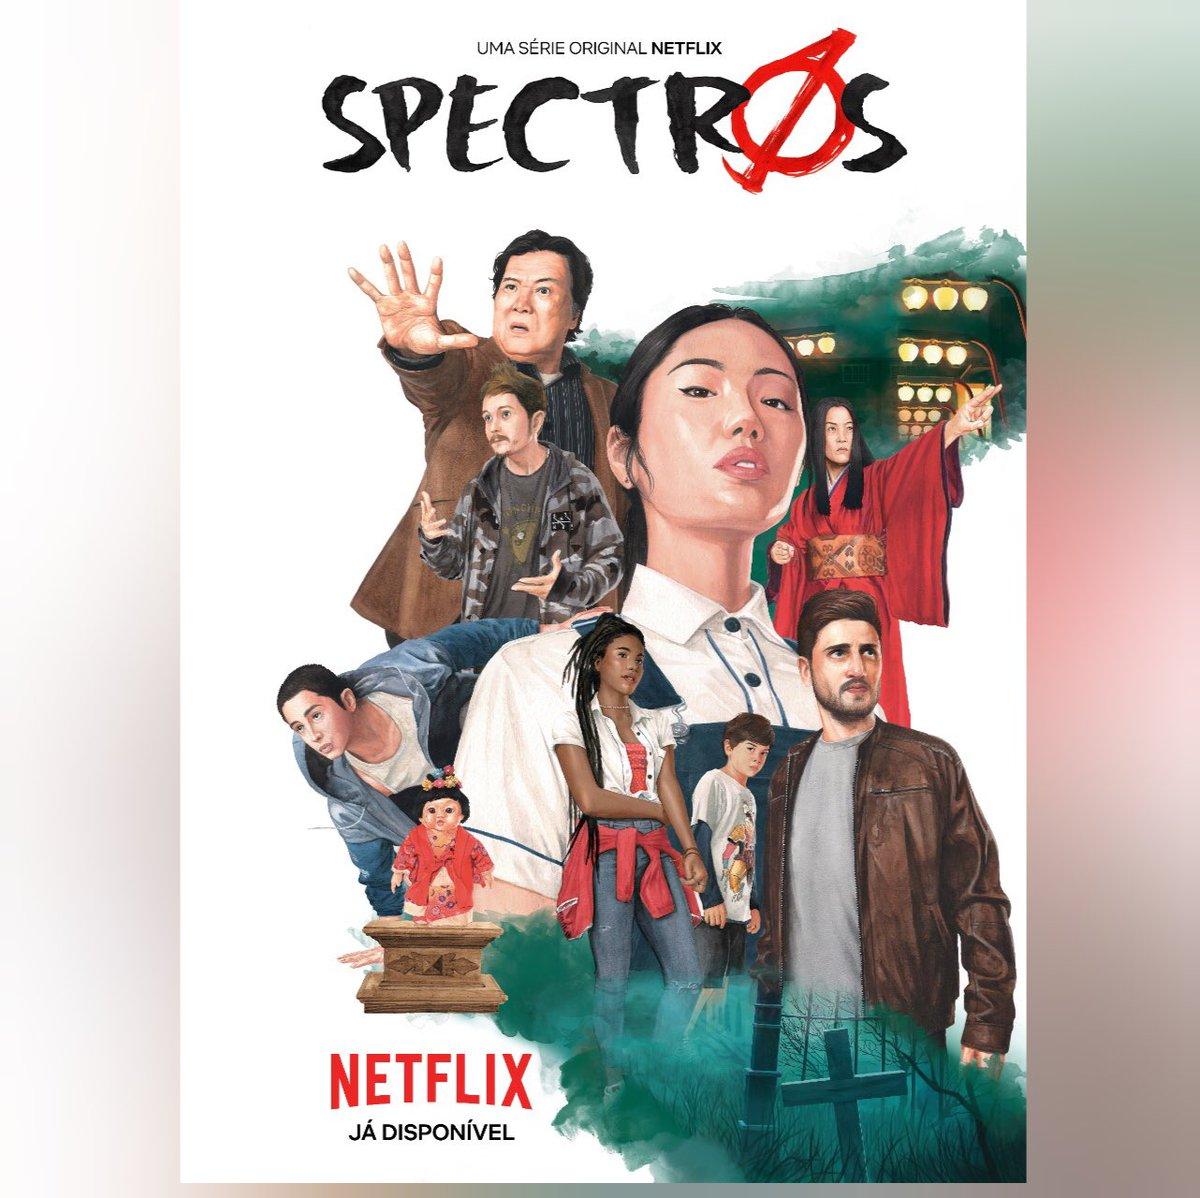 """#Serie A Netflix divulgou o novo pôster e trailer da nova série de terror brasileira """"Spectros"""".  A série estreia em 20 de Fevereiro na Netflix! #Spectros"""